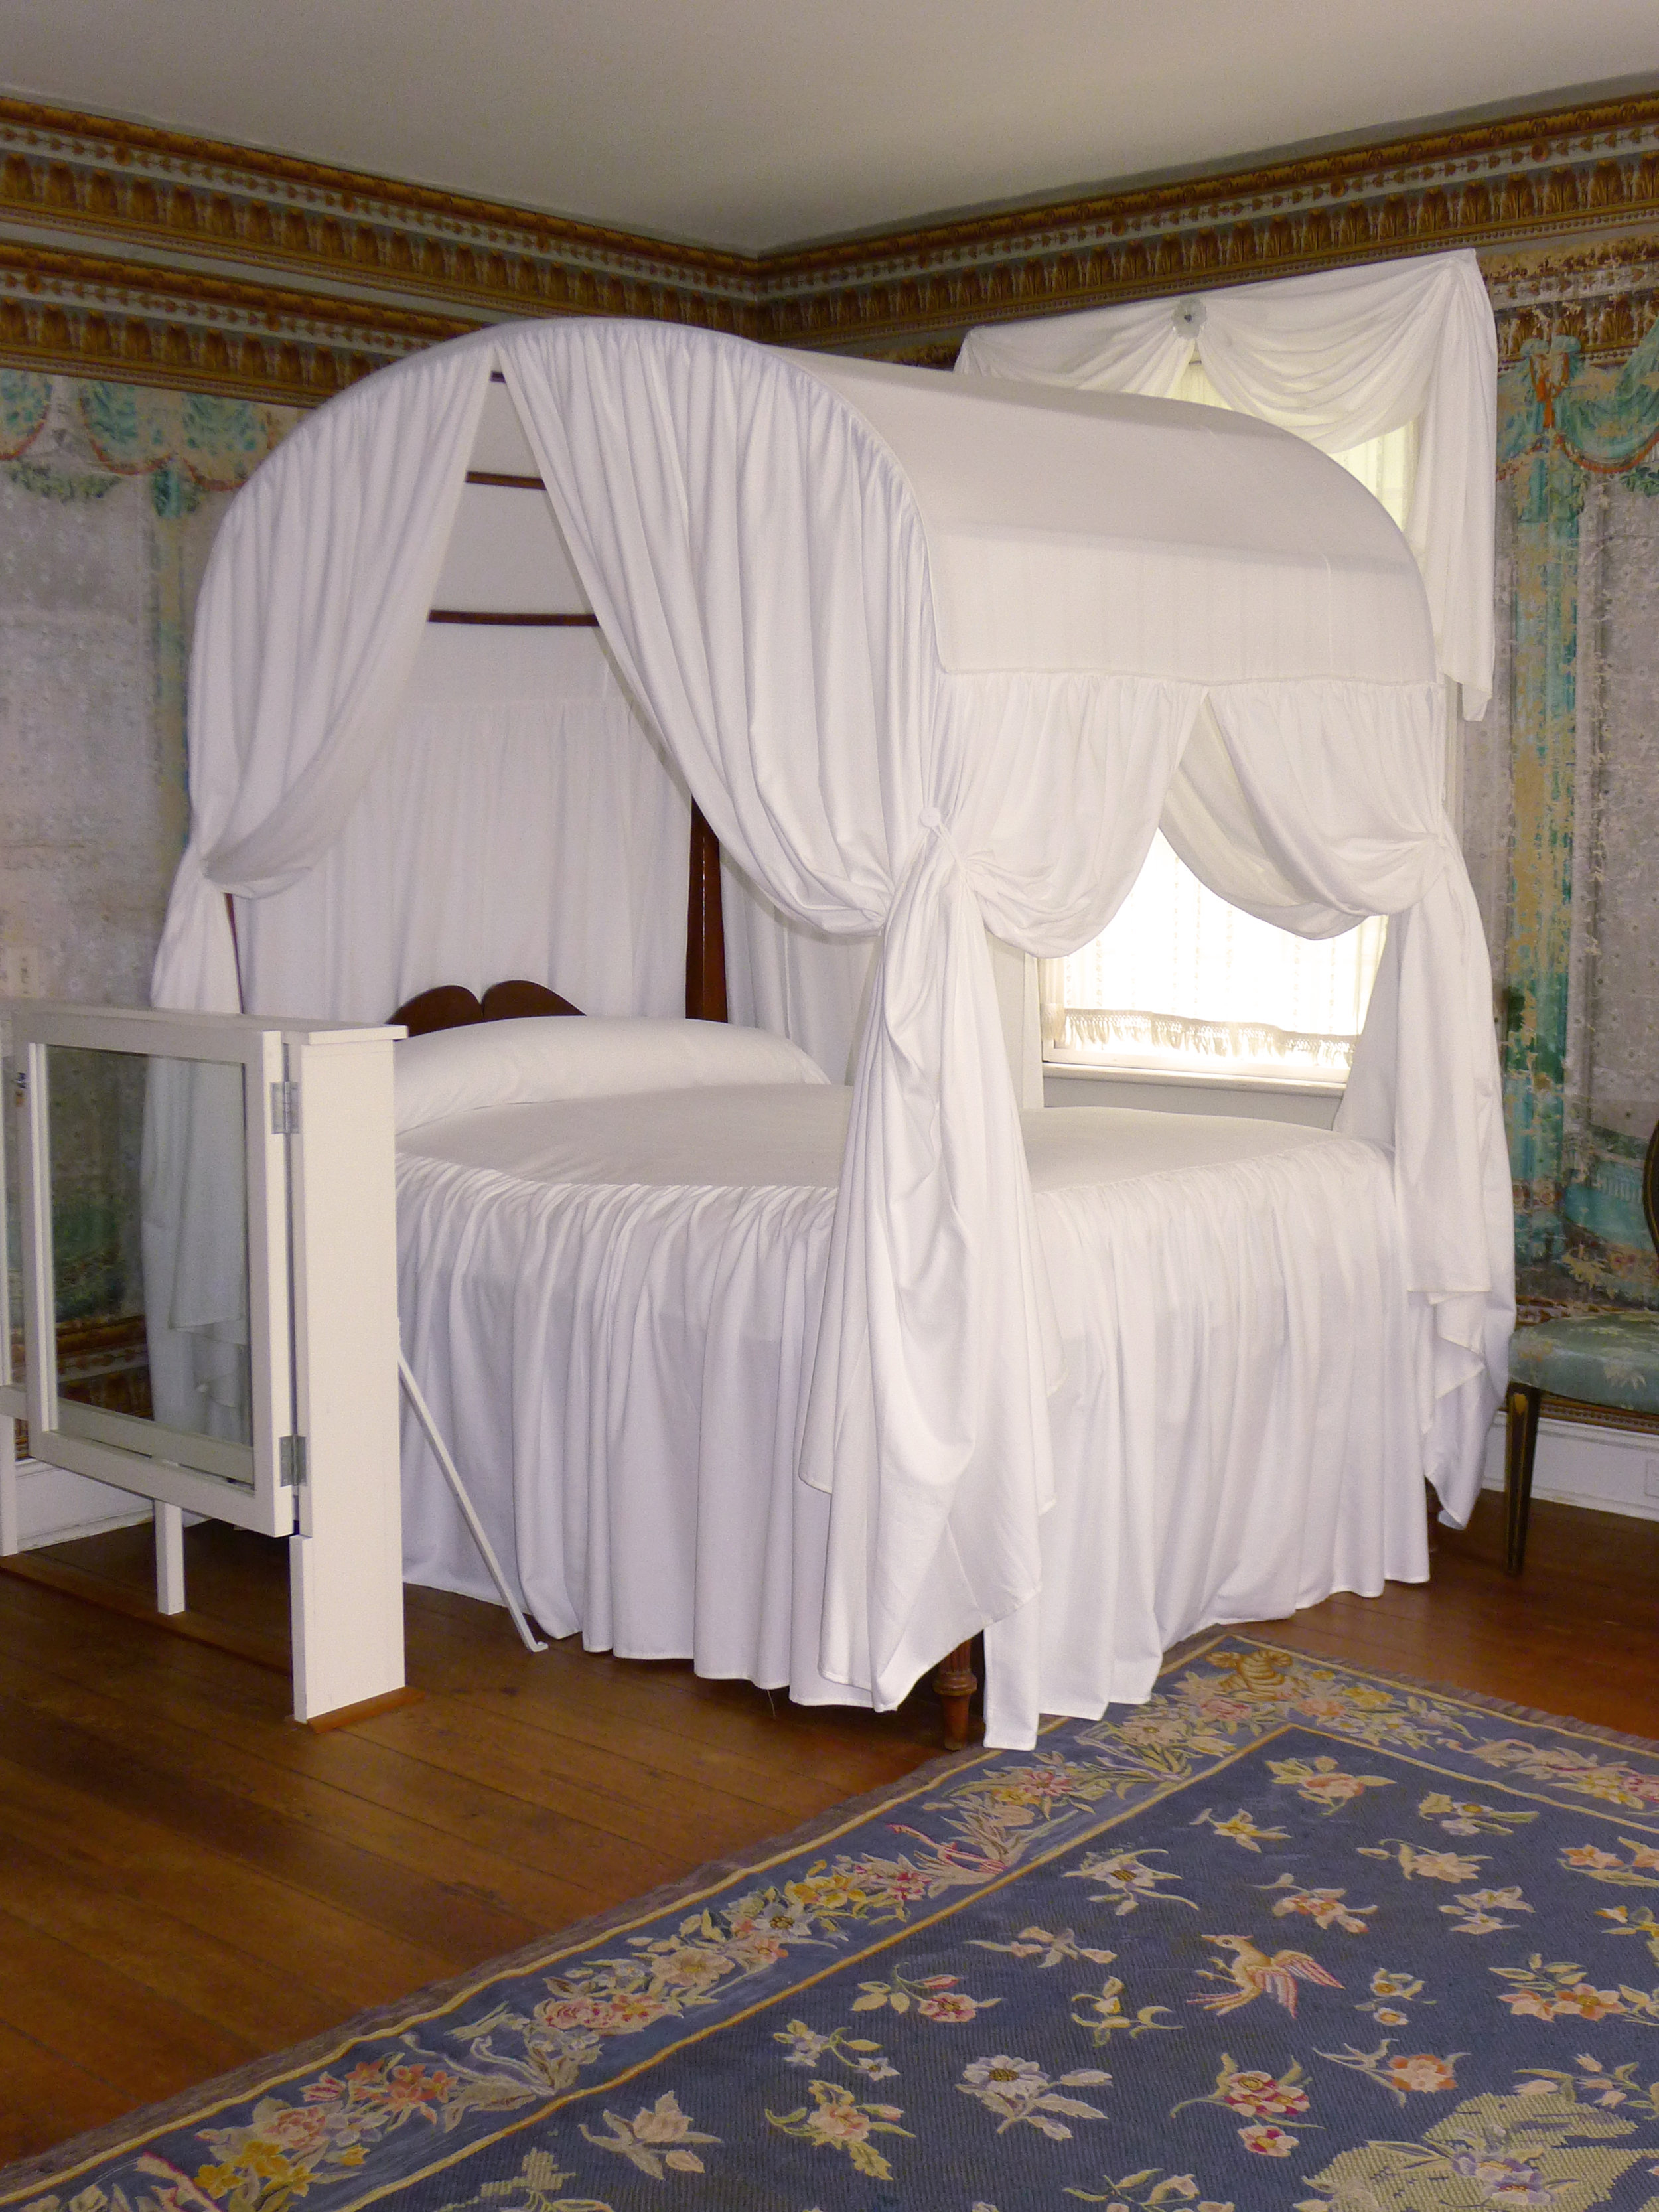 Stebbines-new-bed-hangings-2013_1.jpg